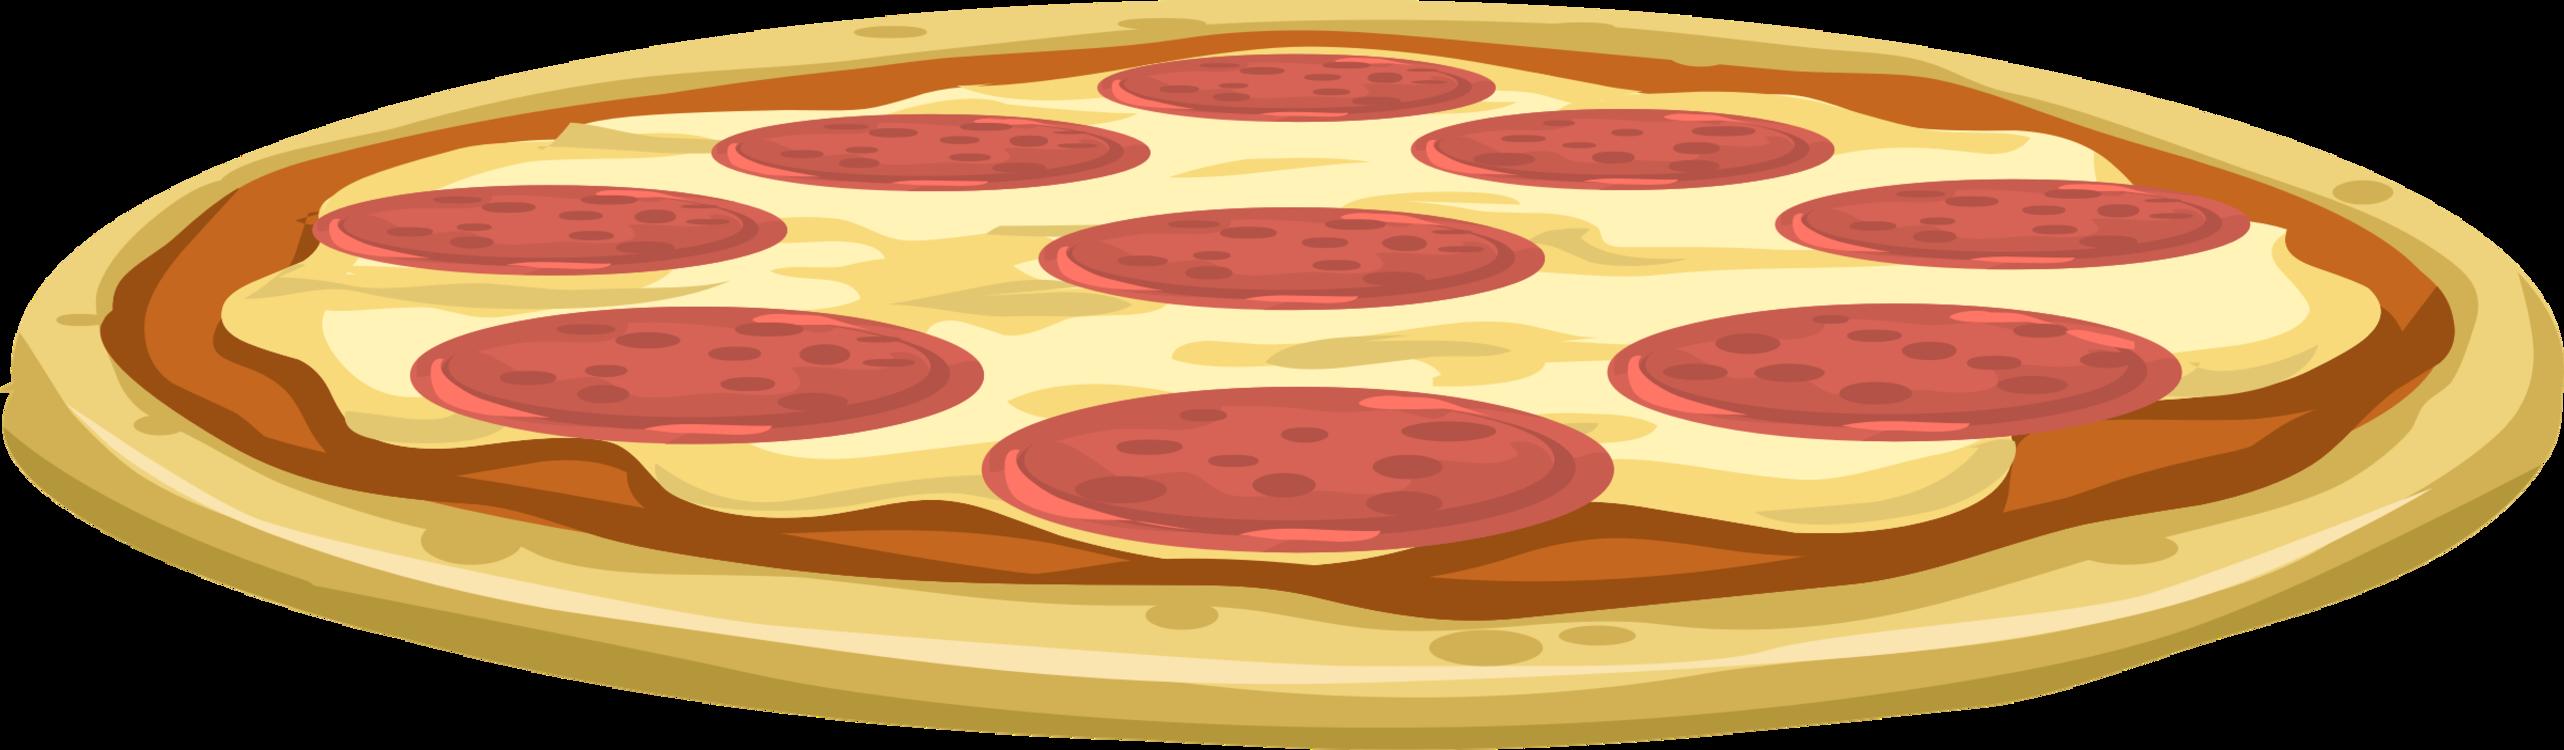 Cuisine,Food,Fruit